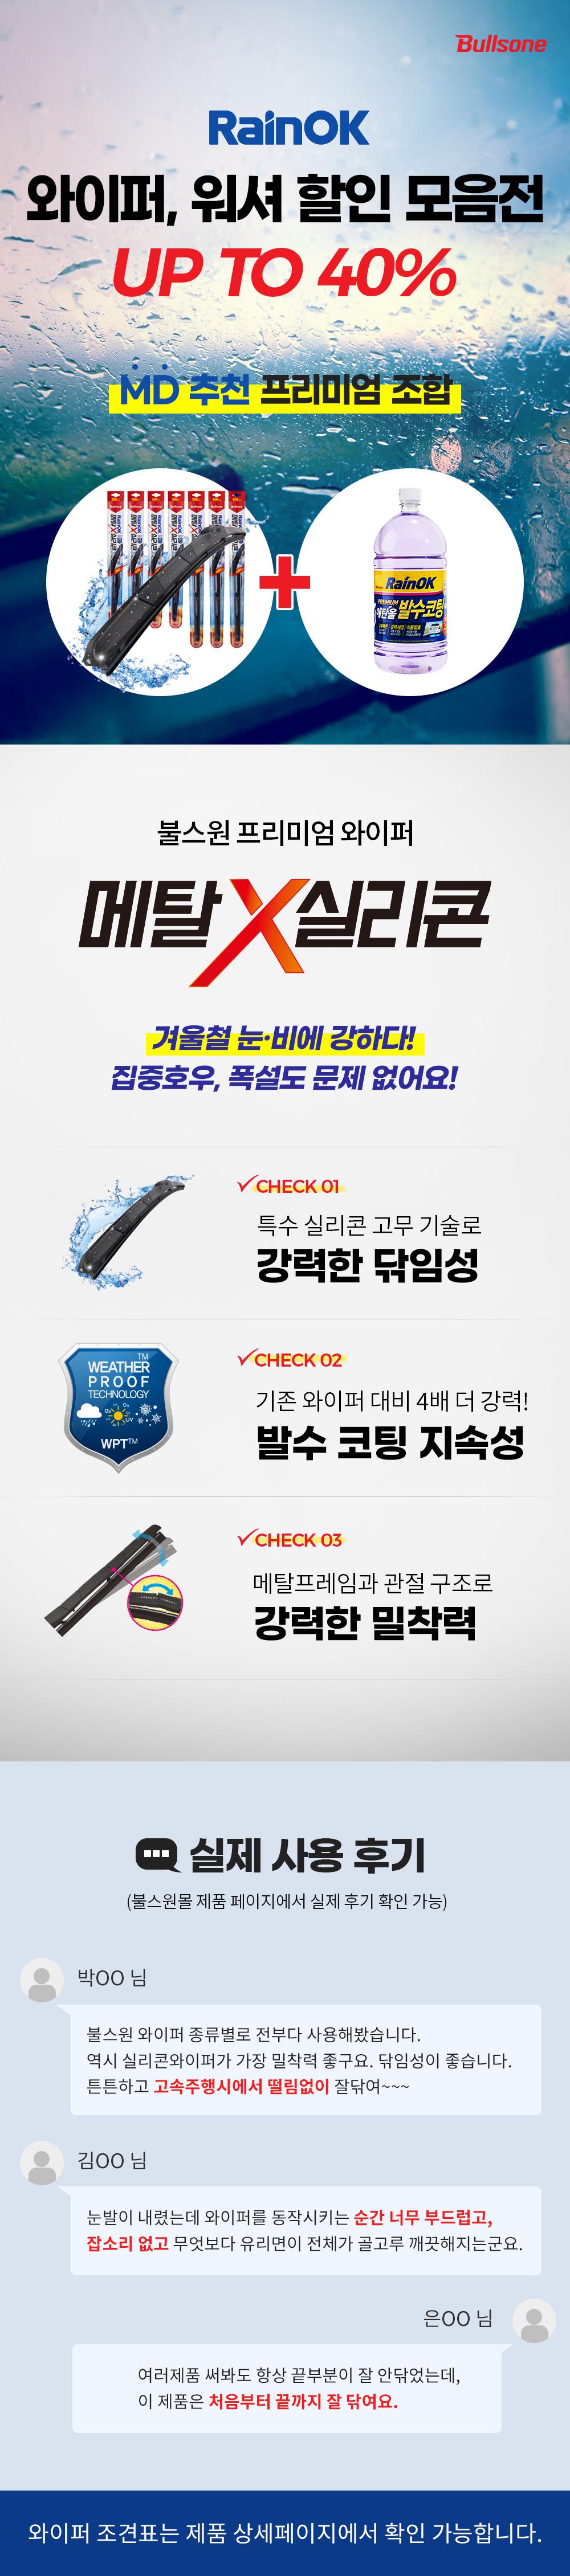 [불스원] 레인OK 할인